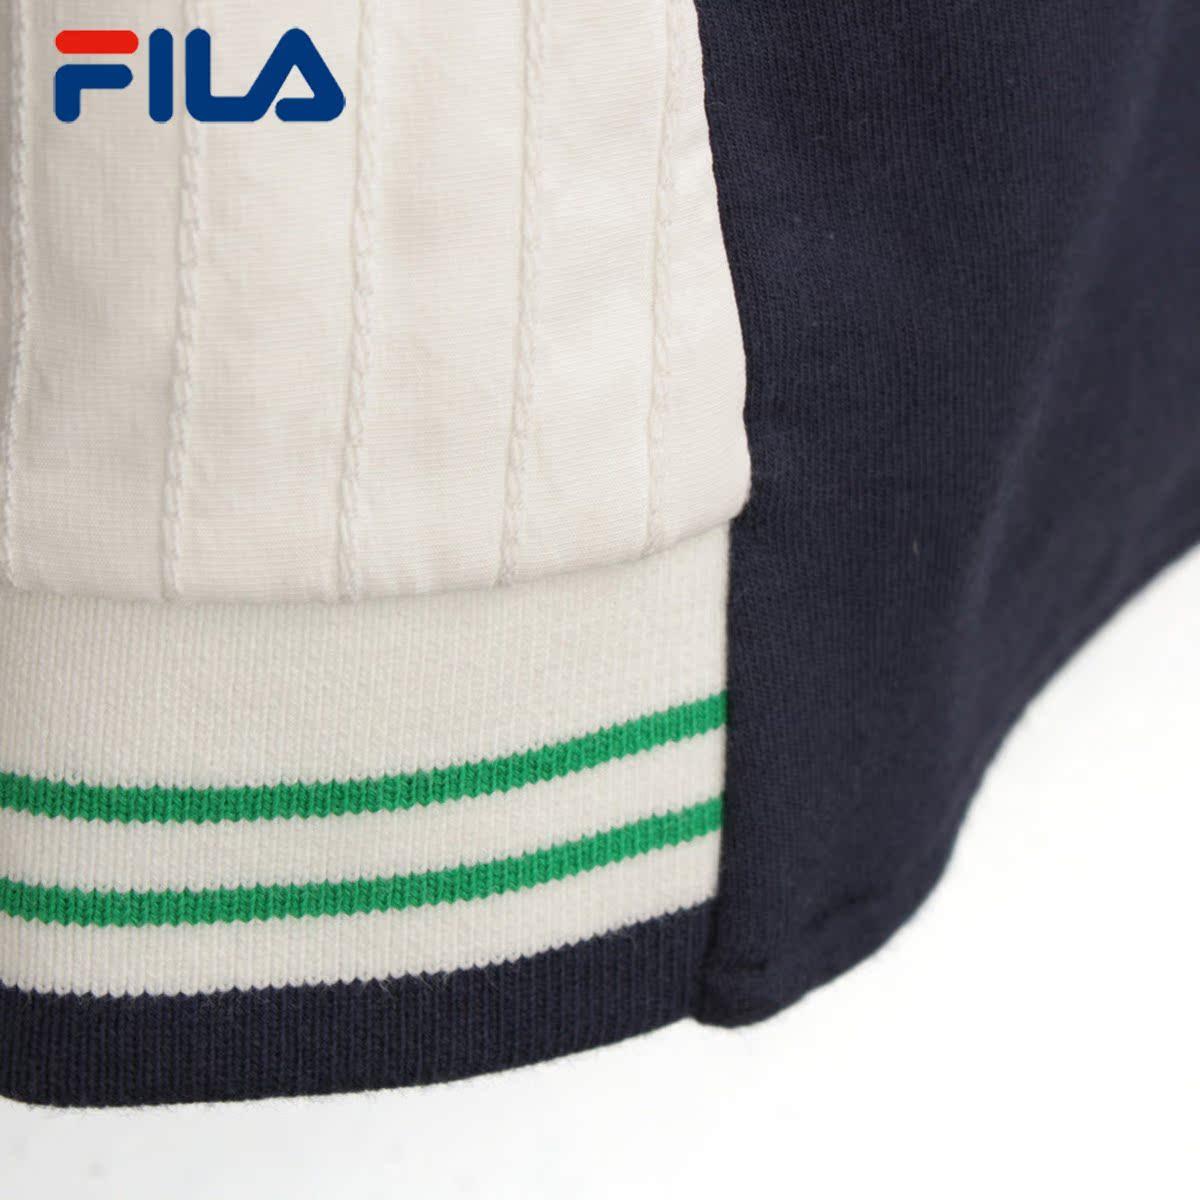 Спортивная толстовка Fila 6042221/1 6042221-1 Для мужчин Осень 2010